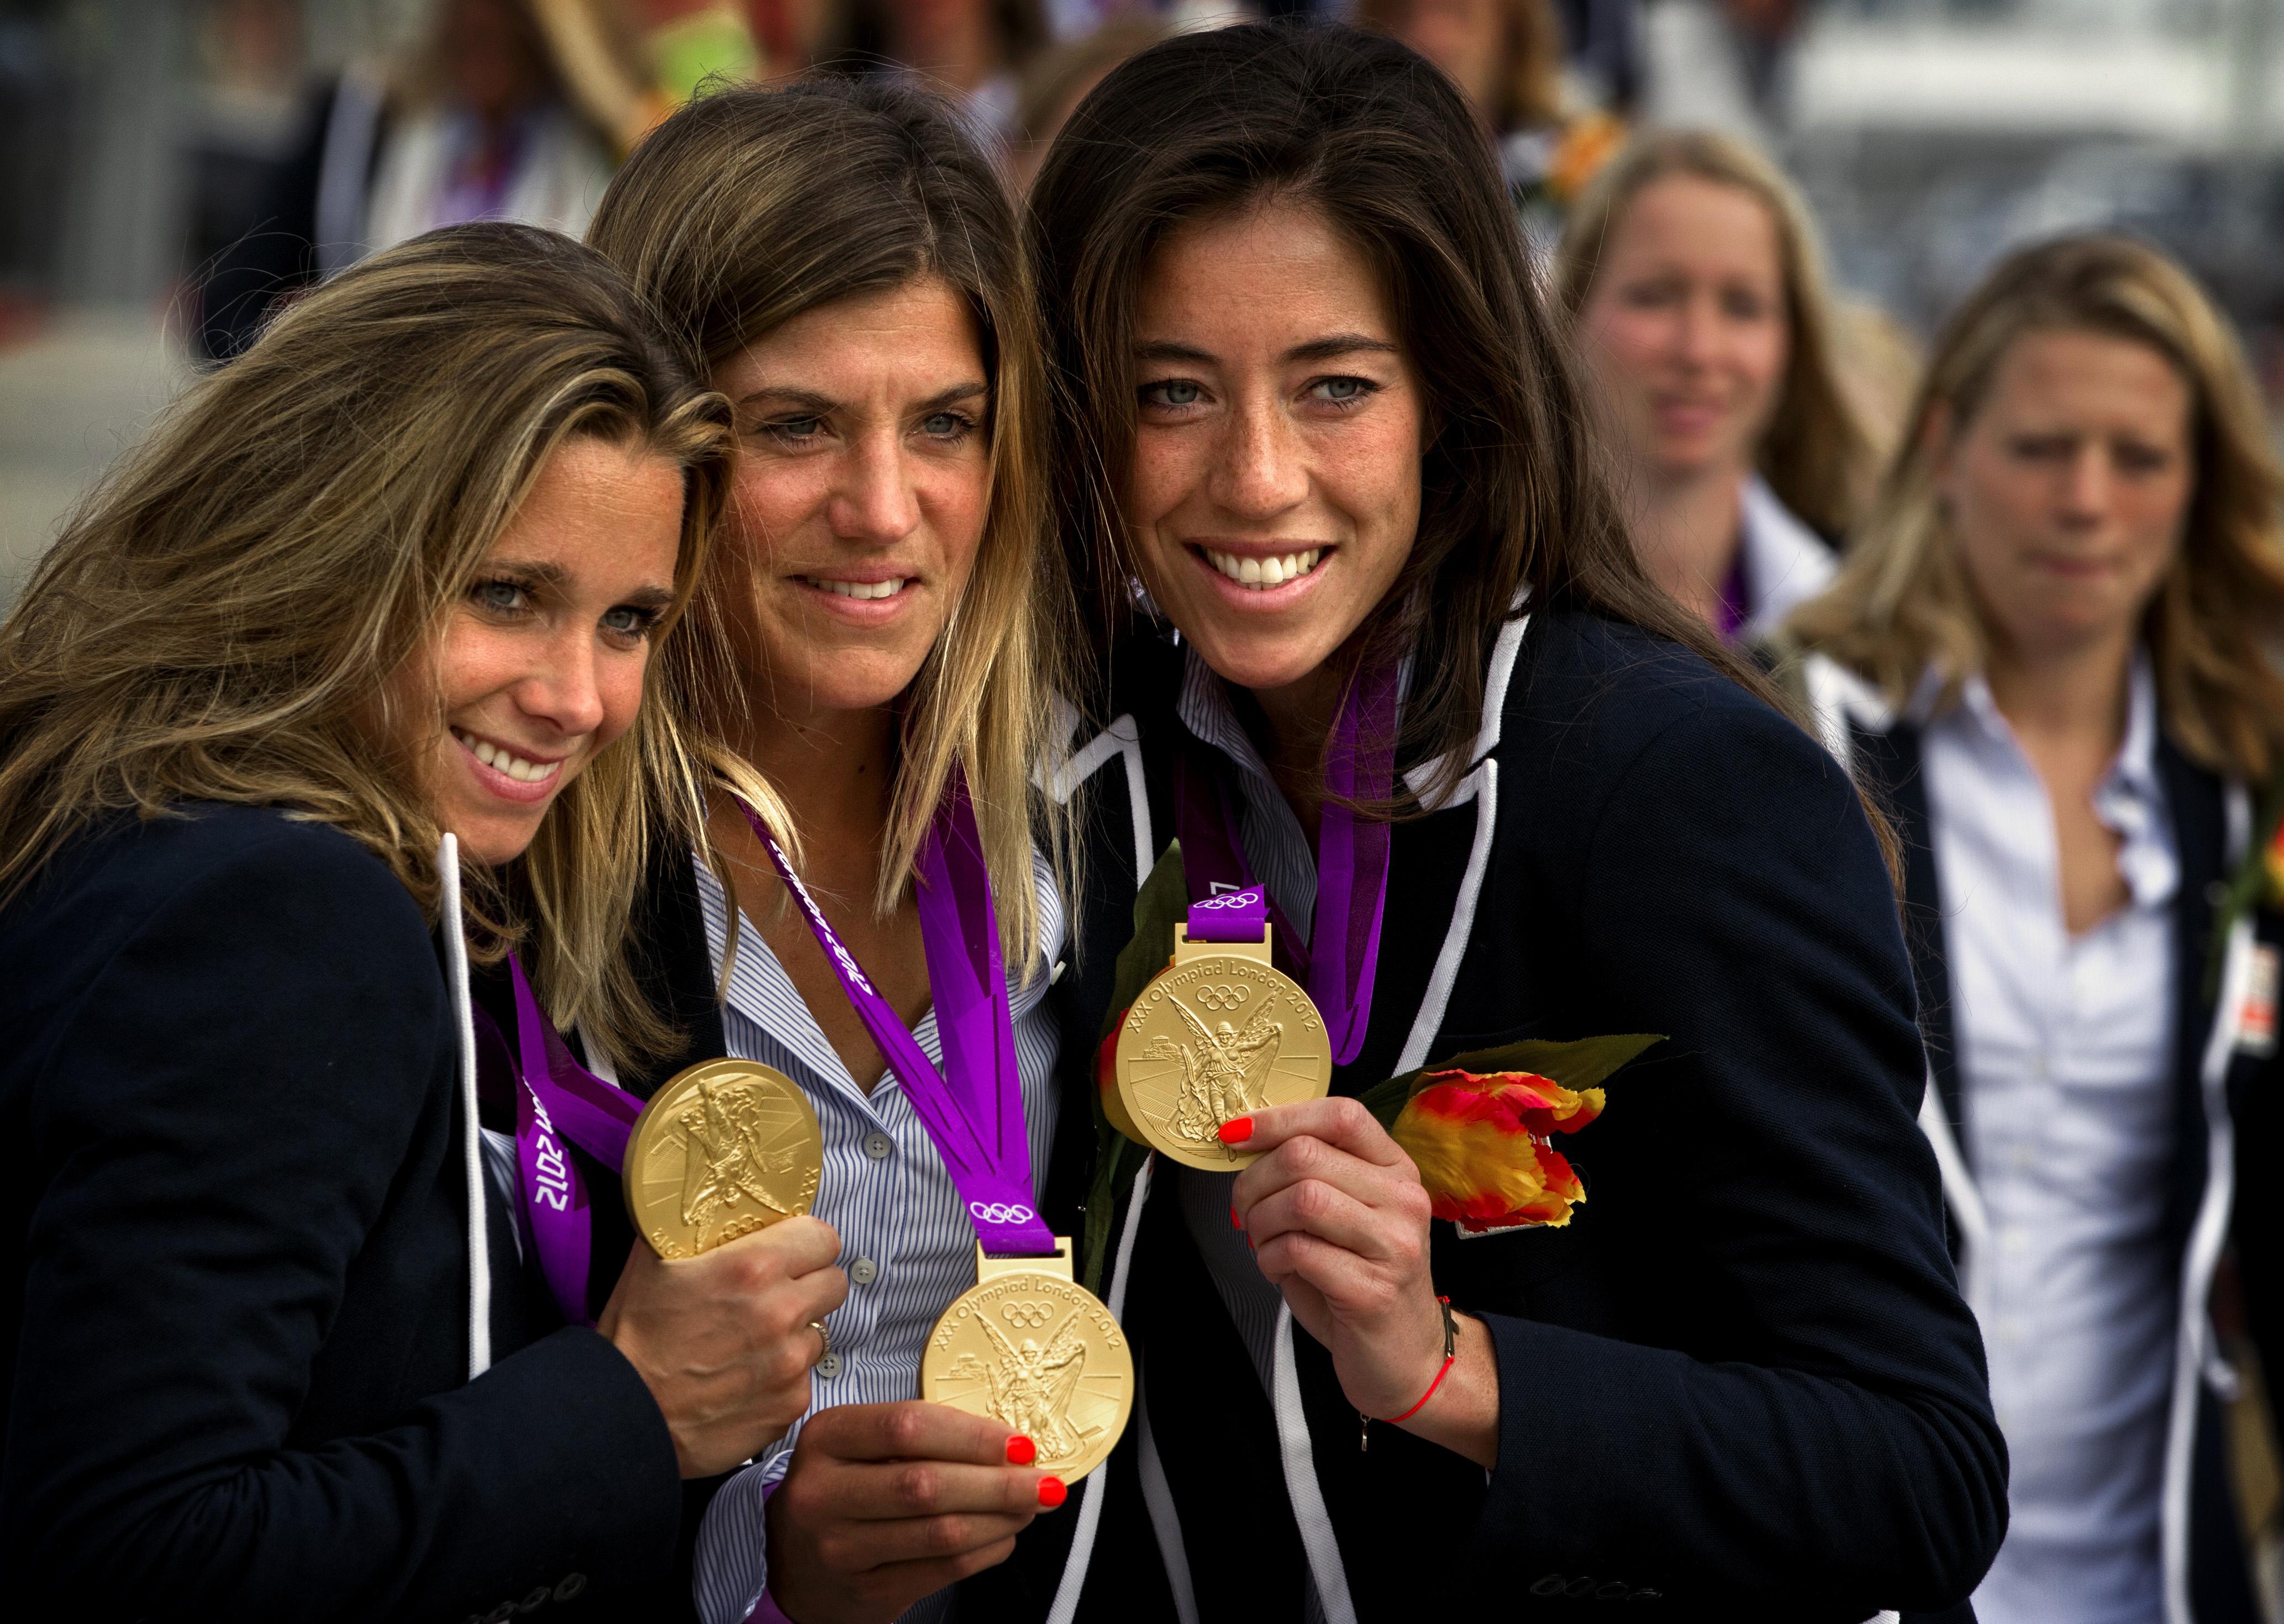 SCHEVENINGEN - De gouden hockey dames Ellen Hoog, Kim Lammers en Naomi van As tonen hun gouden medaille aan de pers voor de huldiging hockeyteams door KHNB. ANP SANDER KONING